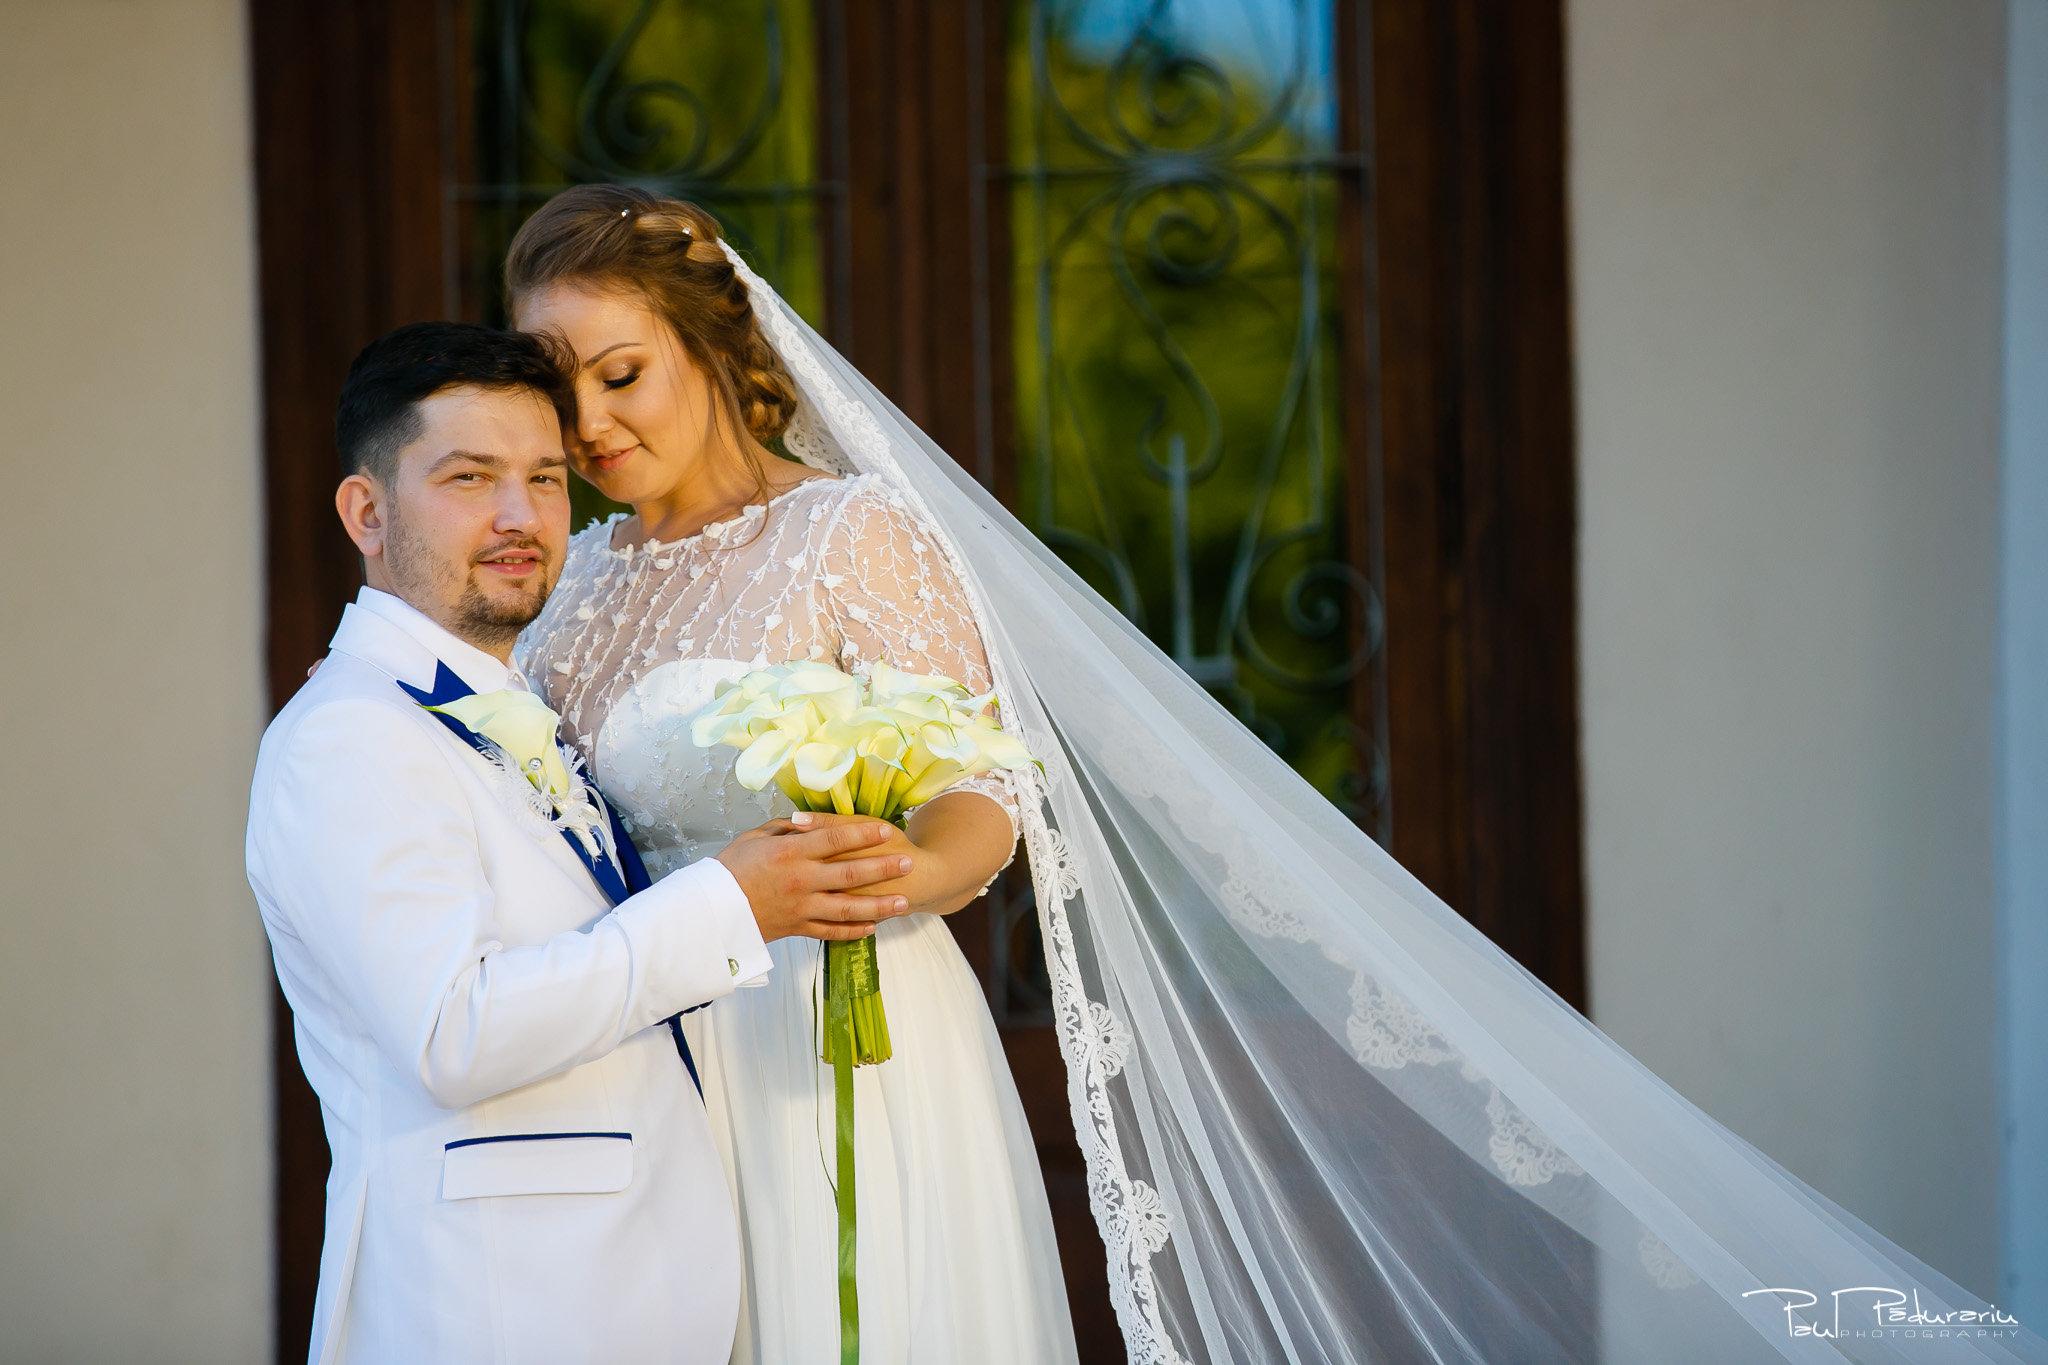 Sedinta foto nunta Ema si Tudor fotograf profesionist de nunta iasi www.paulpadurariu.ro © 2017 Paul Padurariu 1